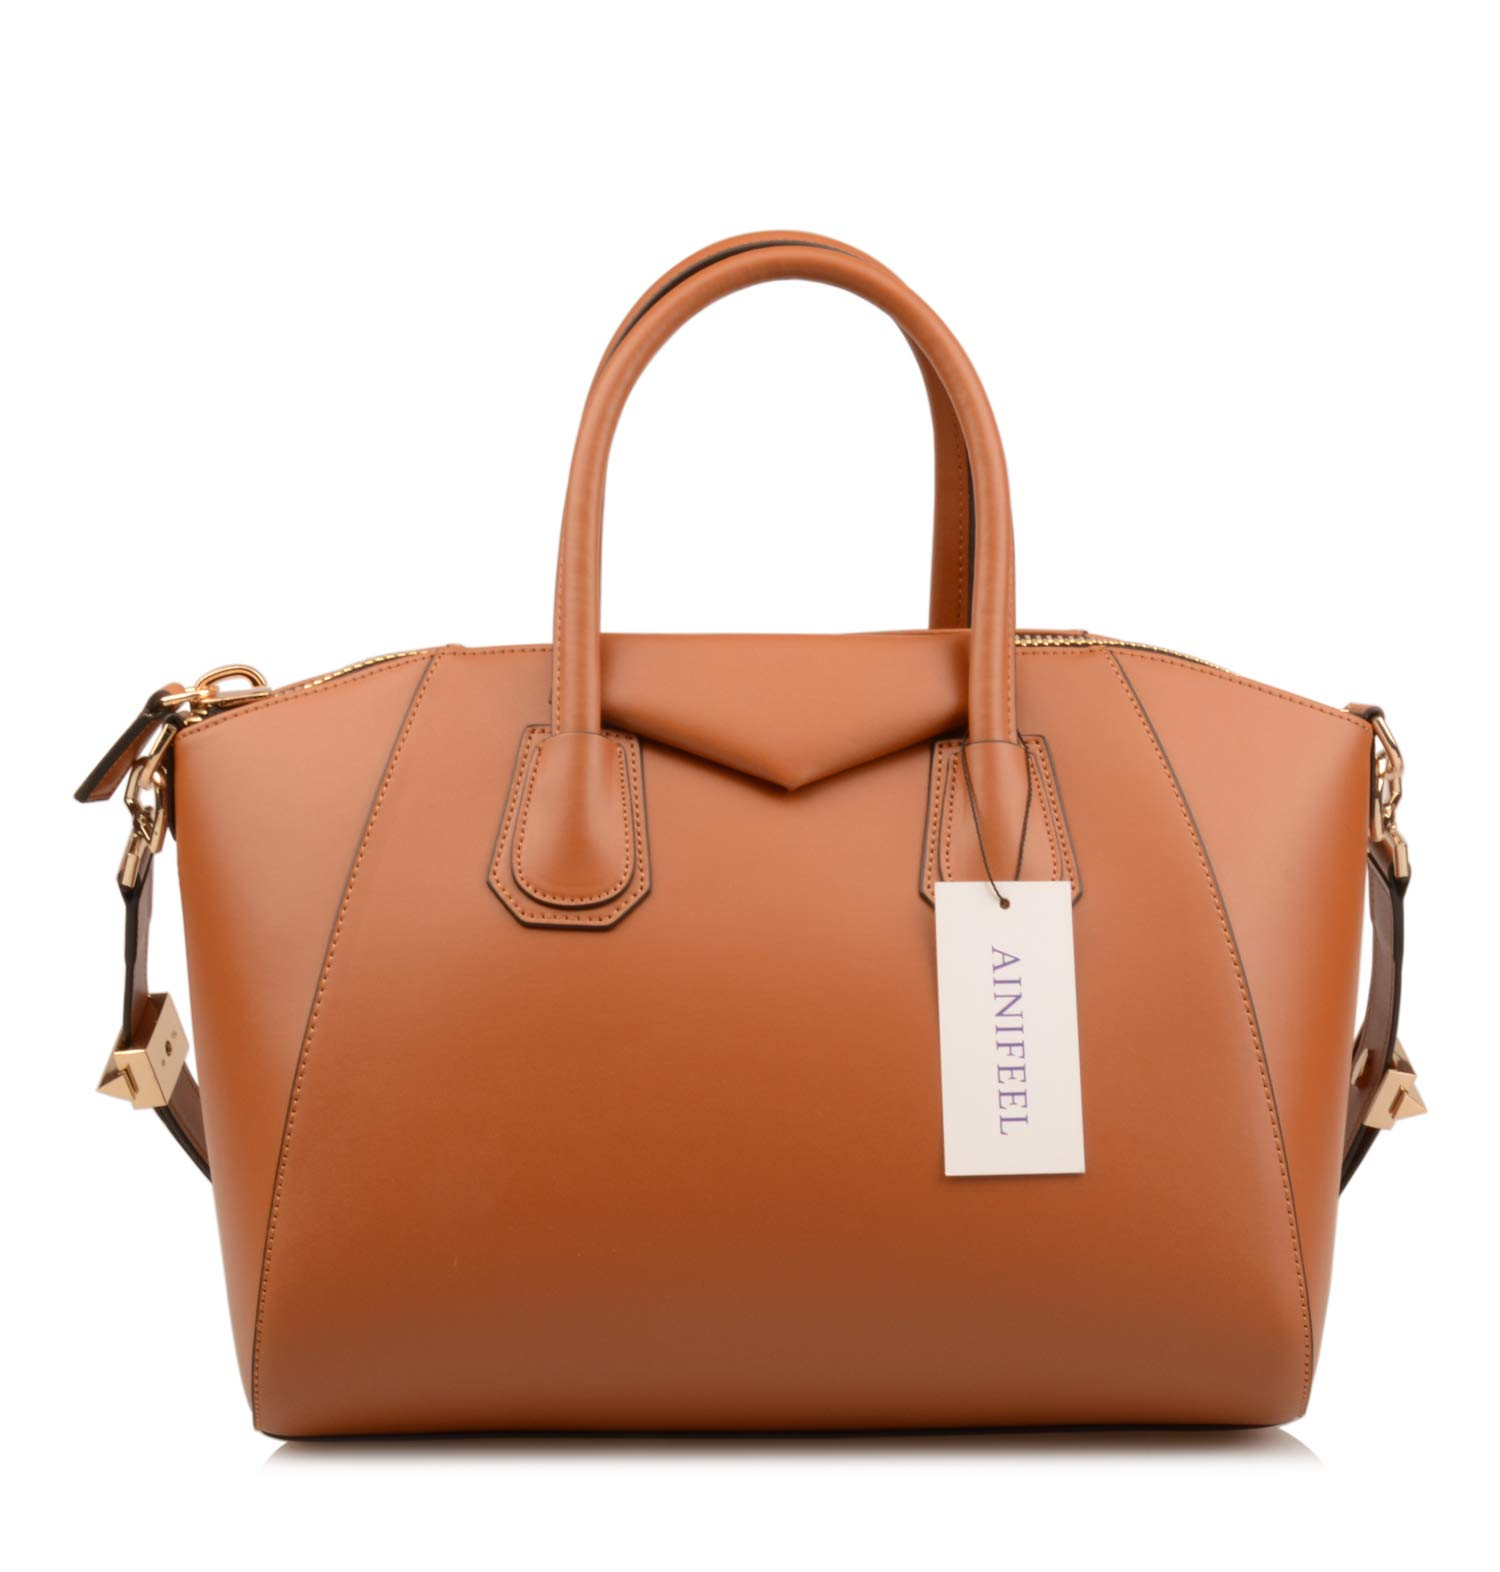 Ainifeel Women's Genuine Leather Simple Everyday Purse Top Handle Handbag Shoulder Handbags(Medium, Brown) by Ainifeel (Image #2)